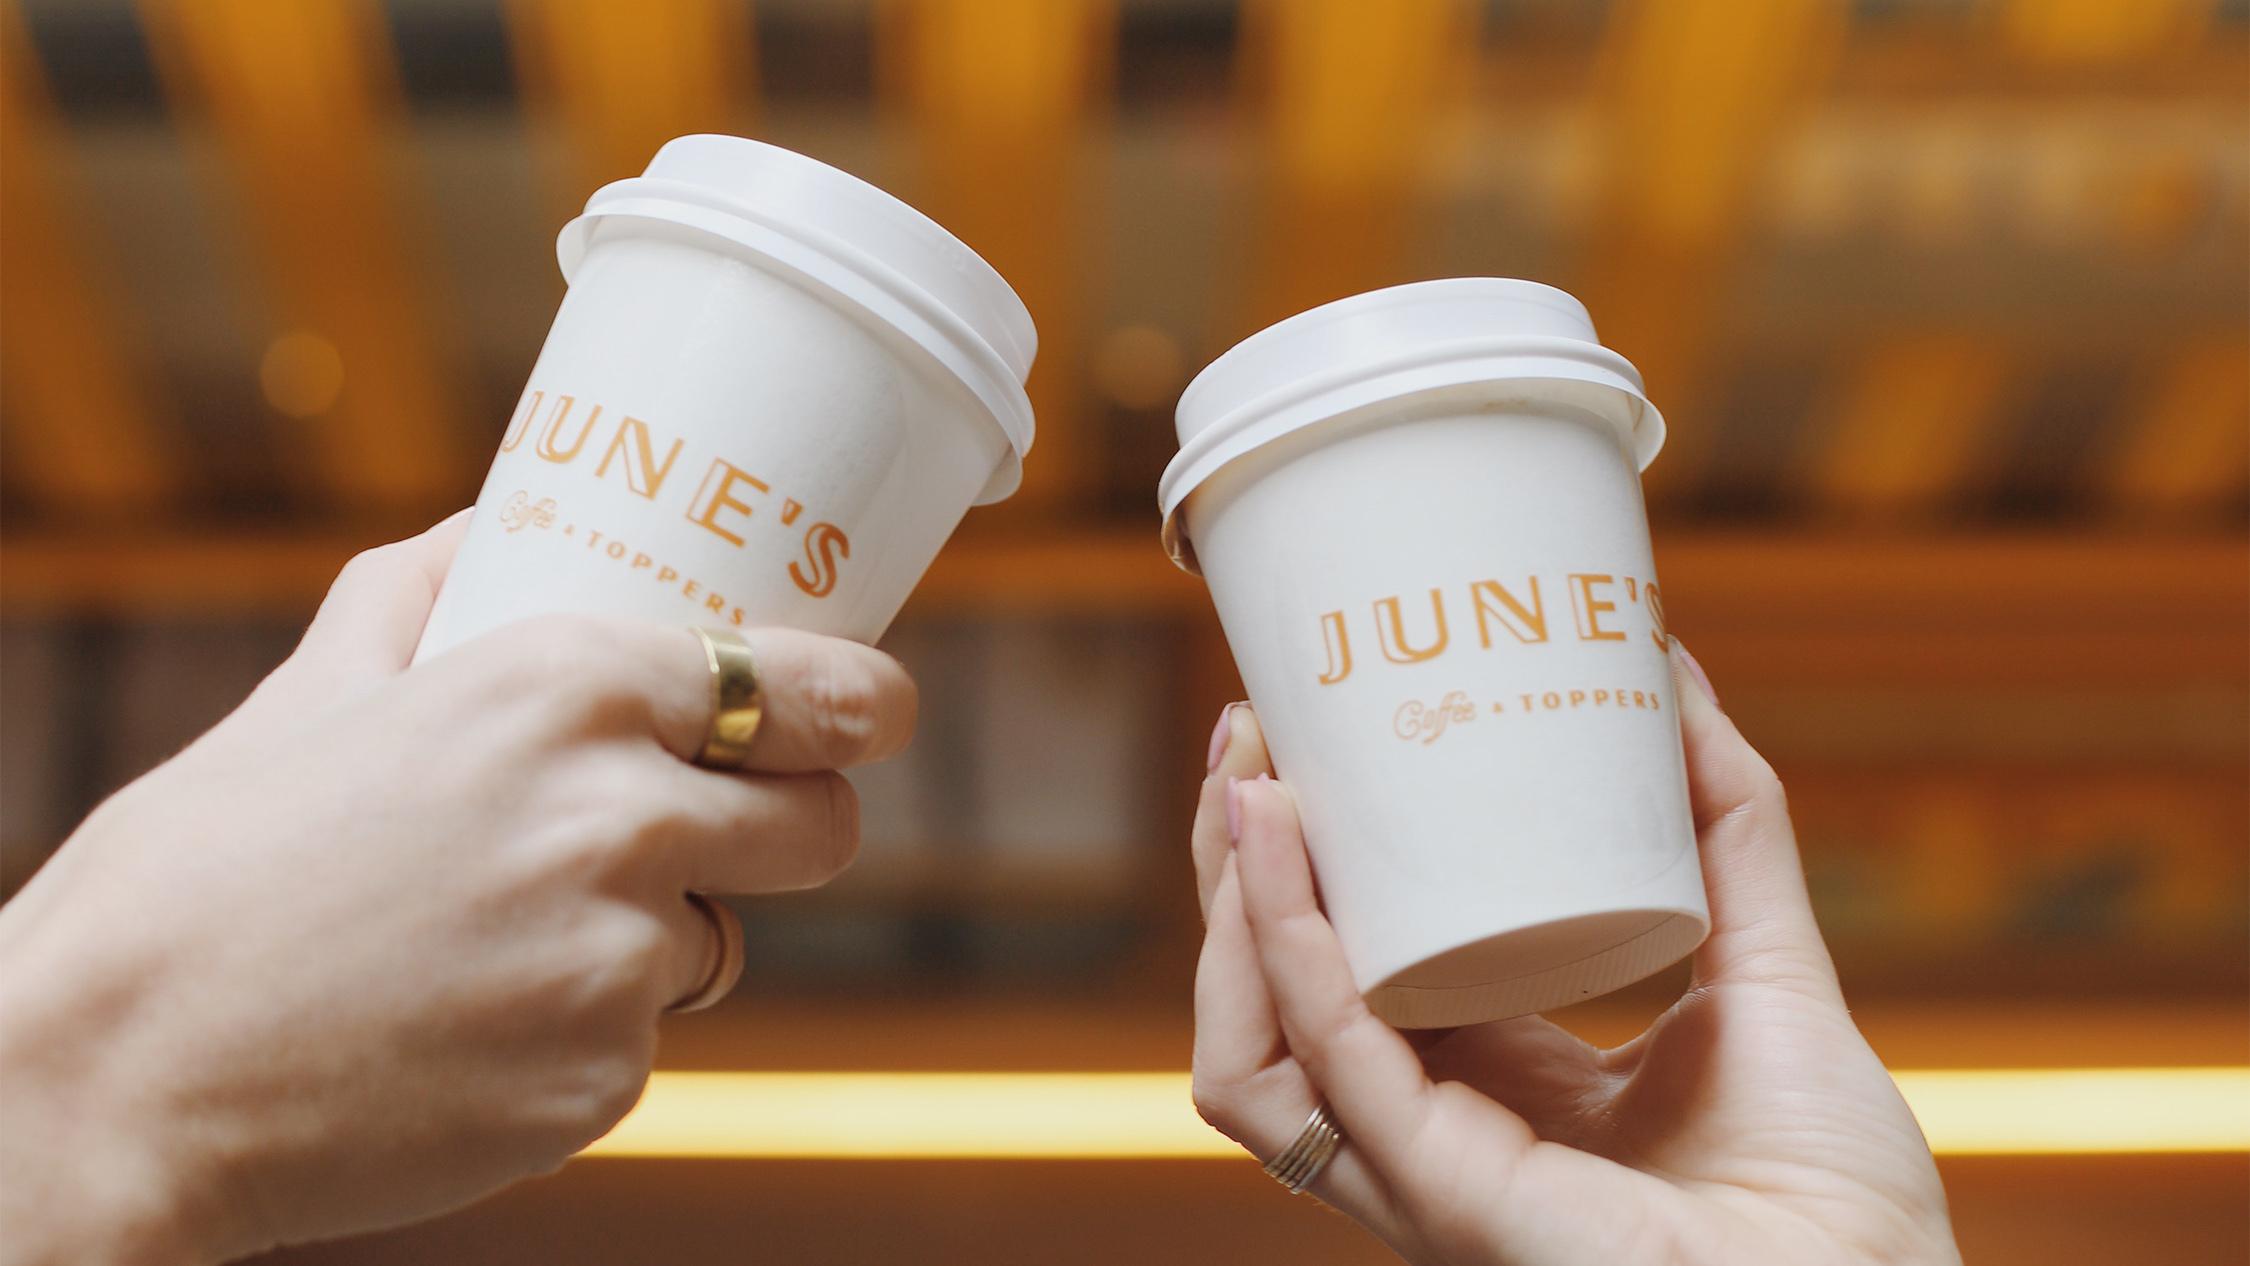 June's Shoppe